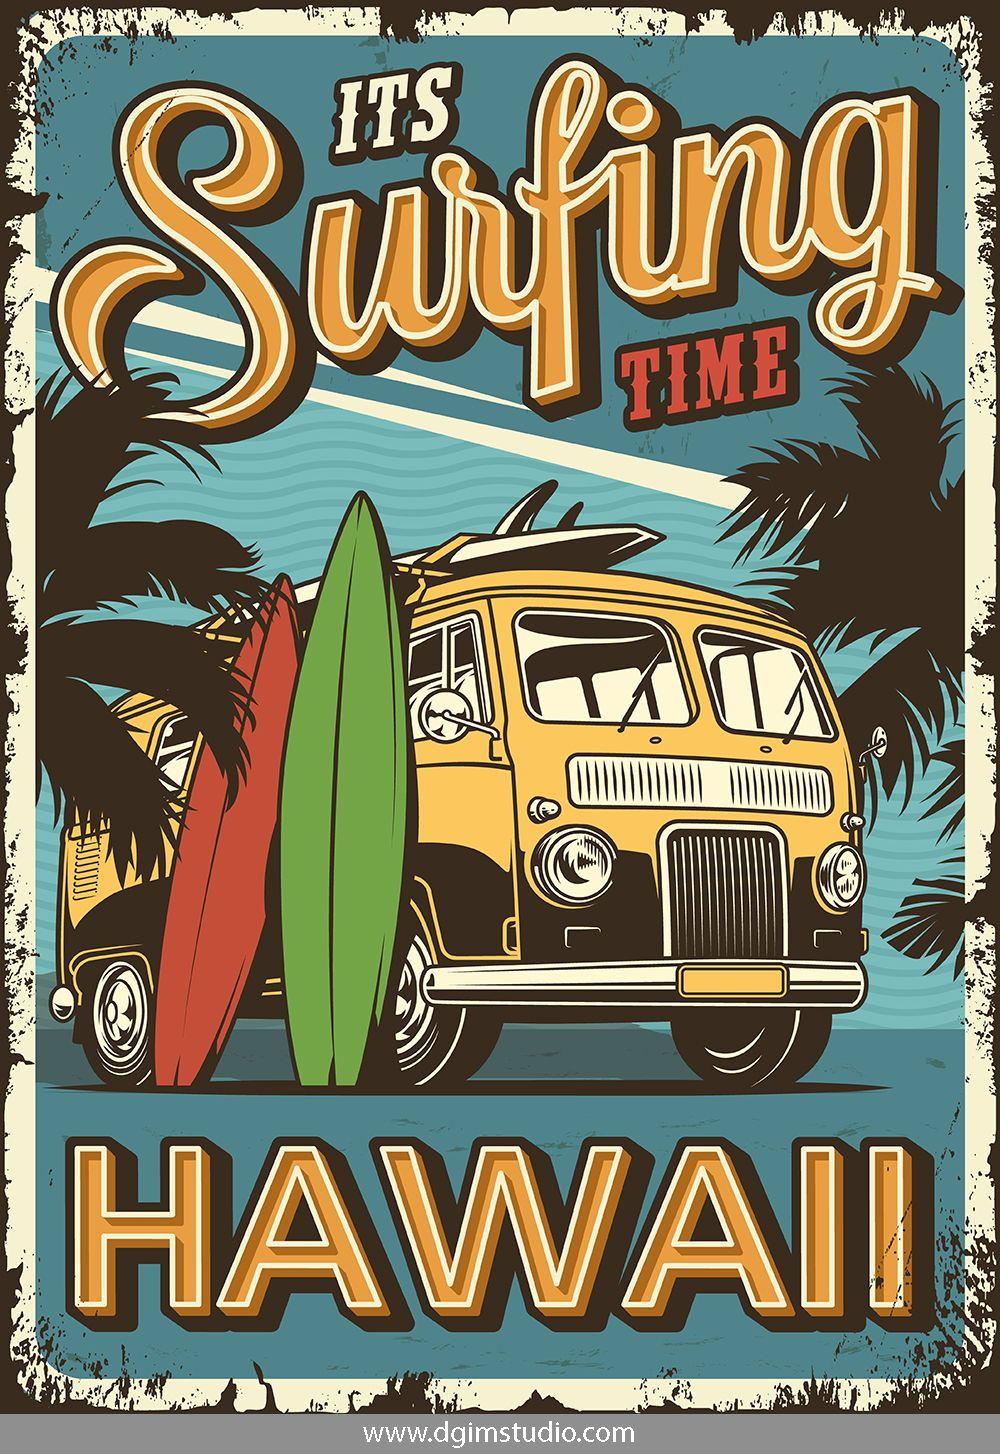 Vintage Surfing Emblems Retro Poster Vintage Poster Design Vintage Posters